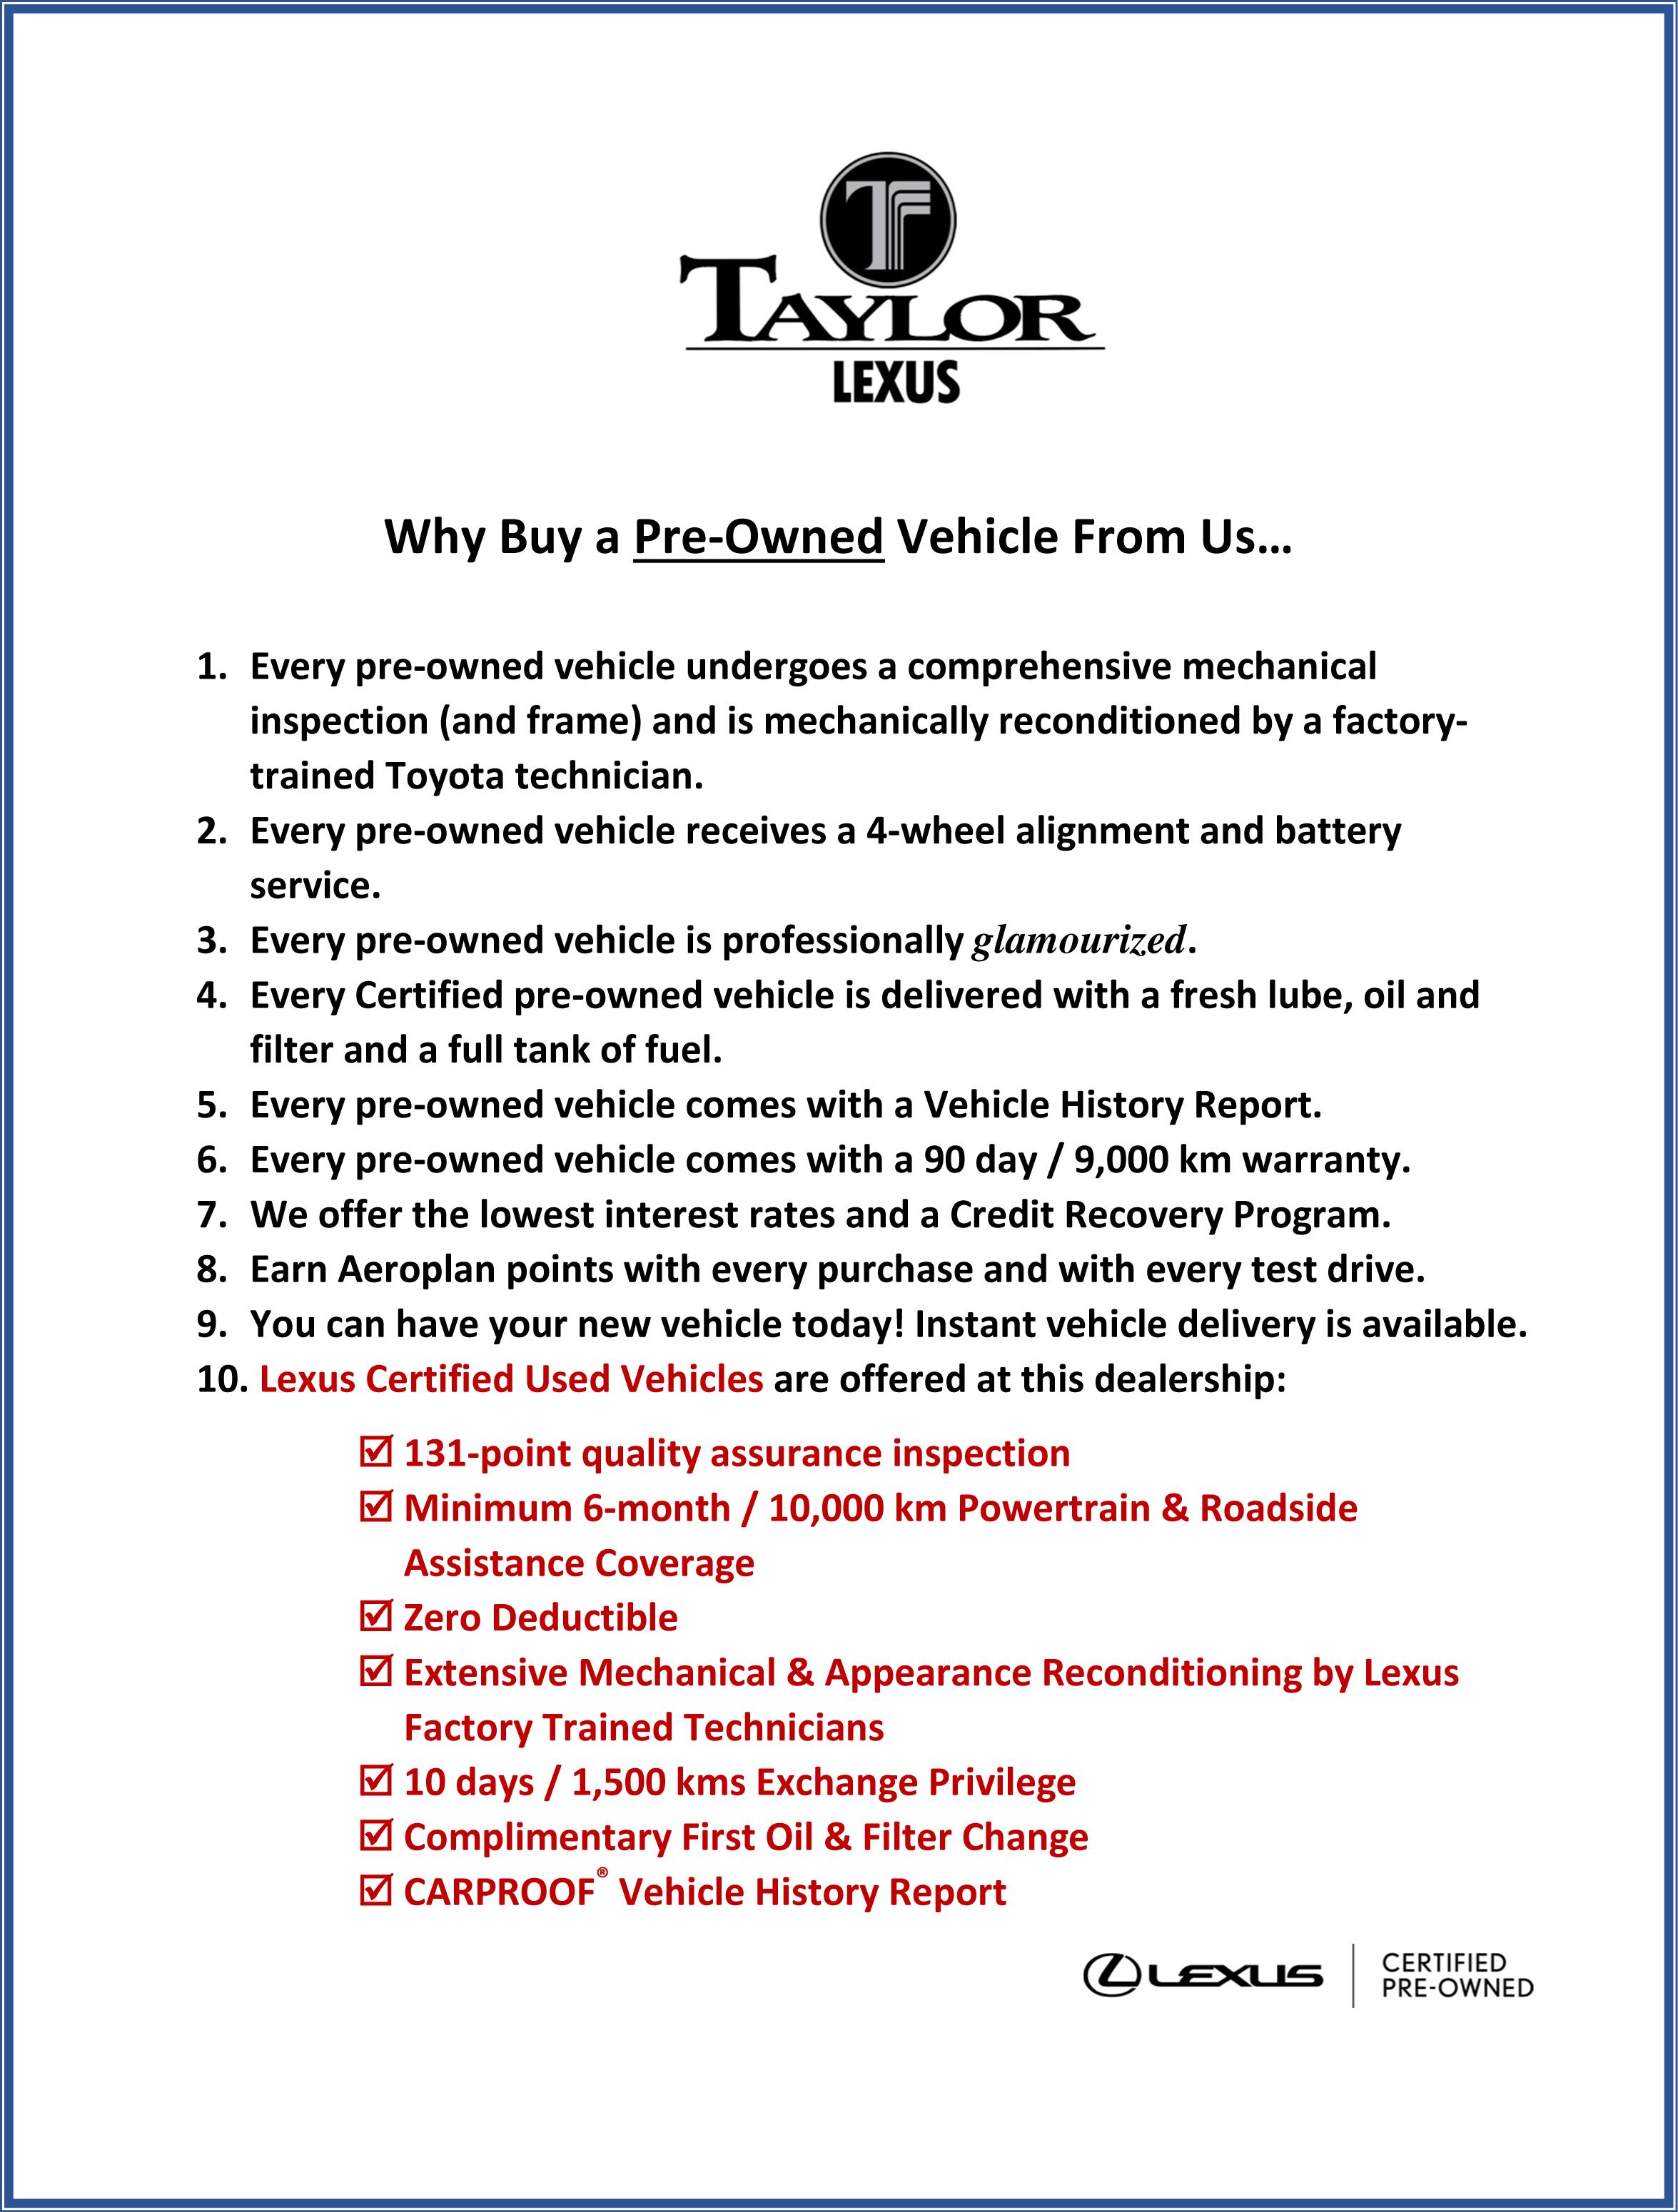 why buy pre-owned - Lexus